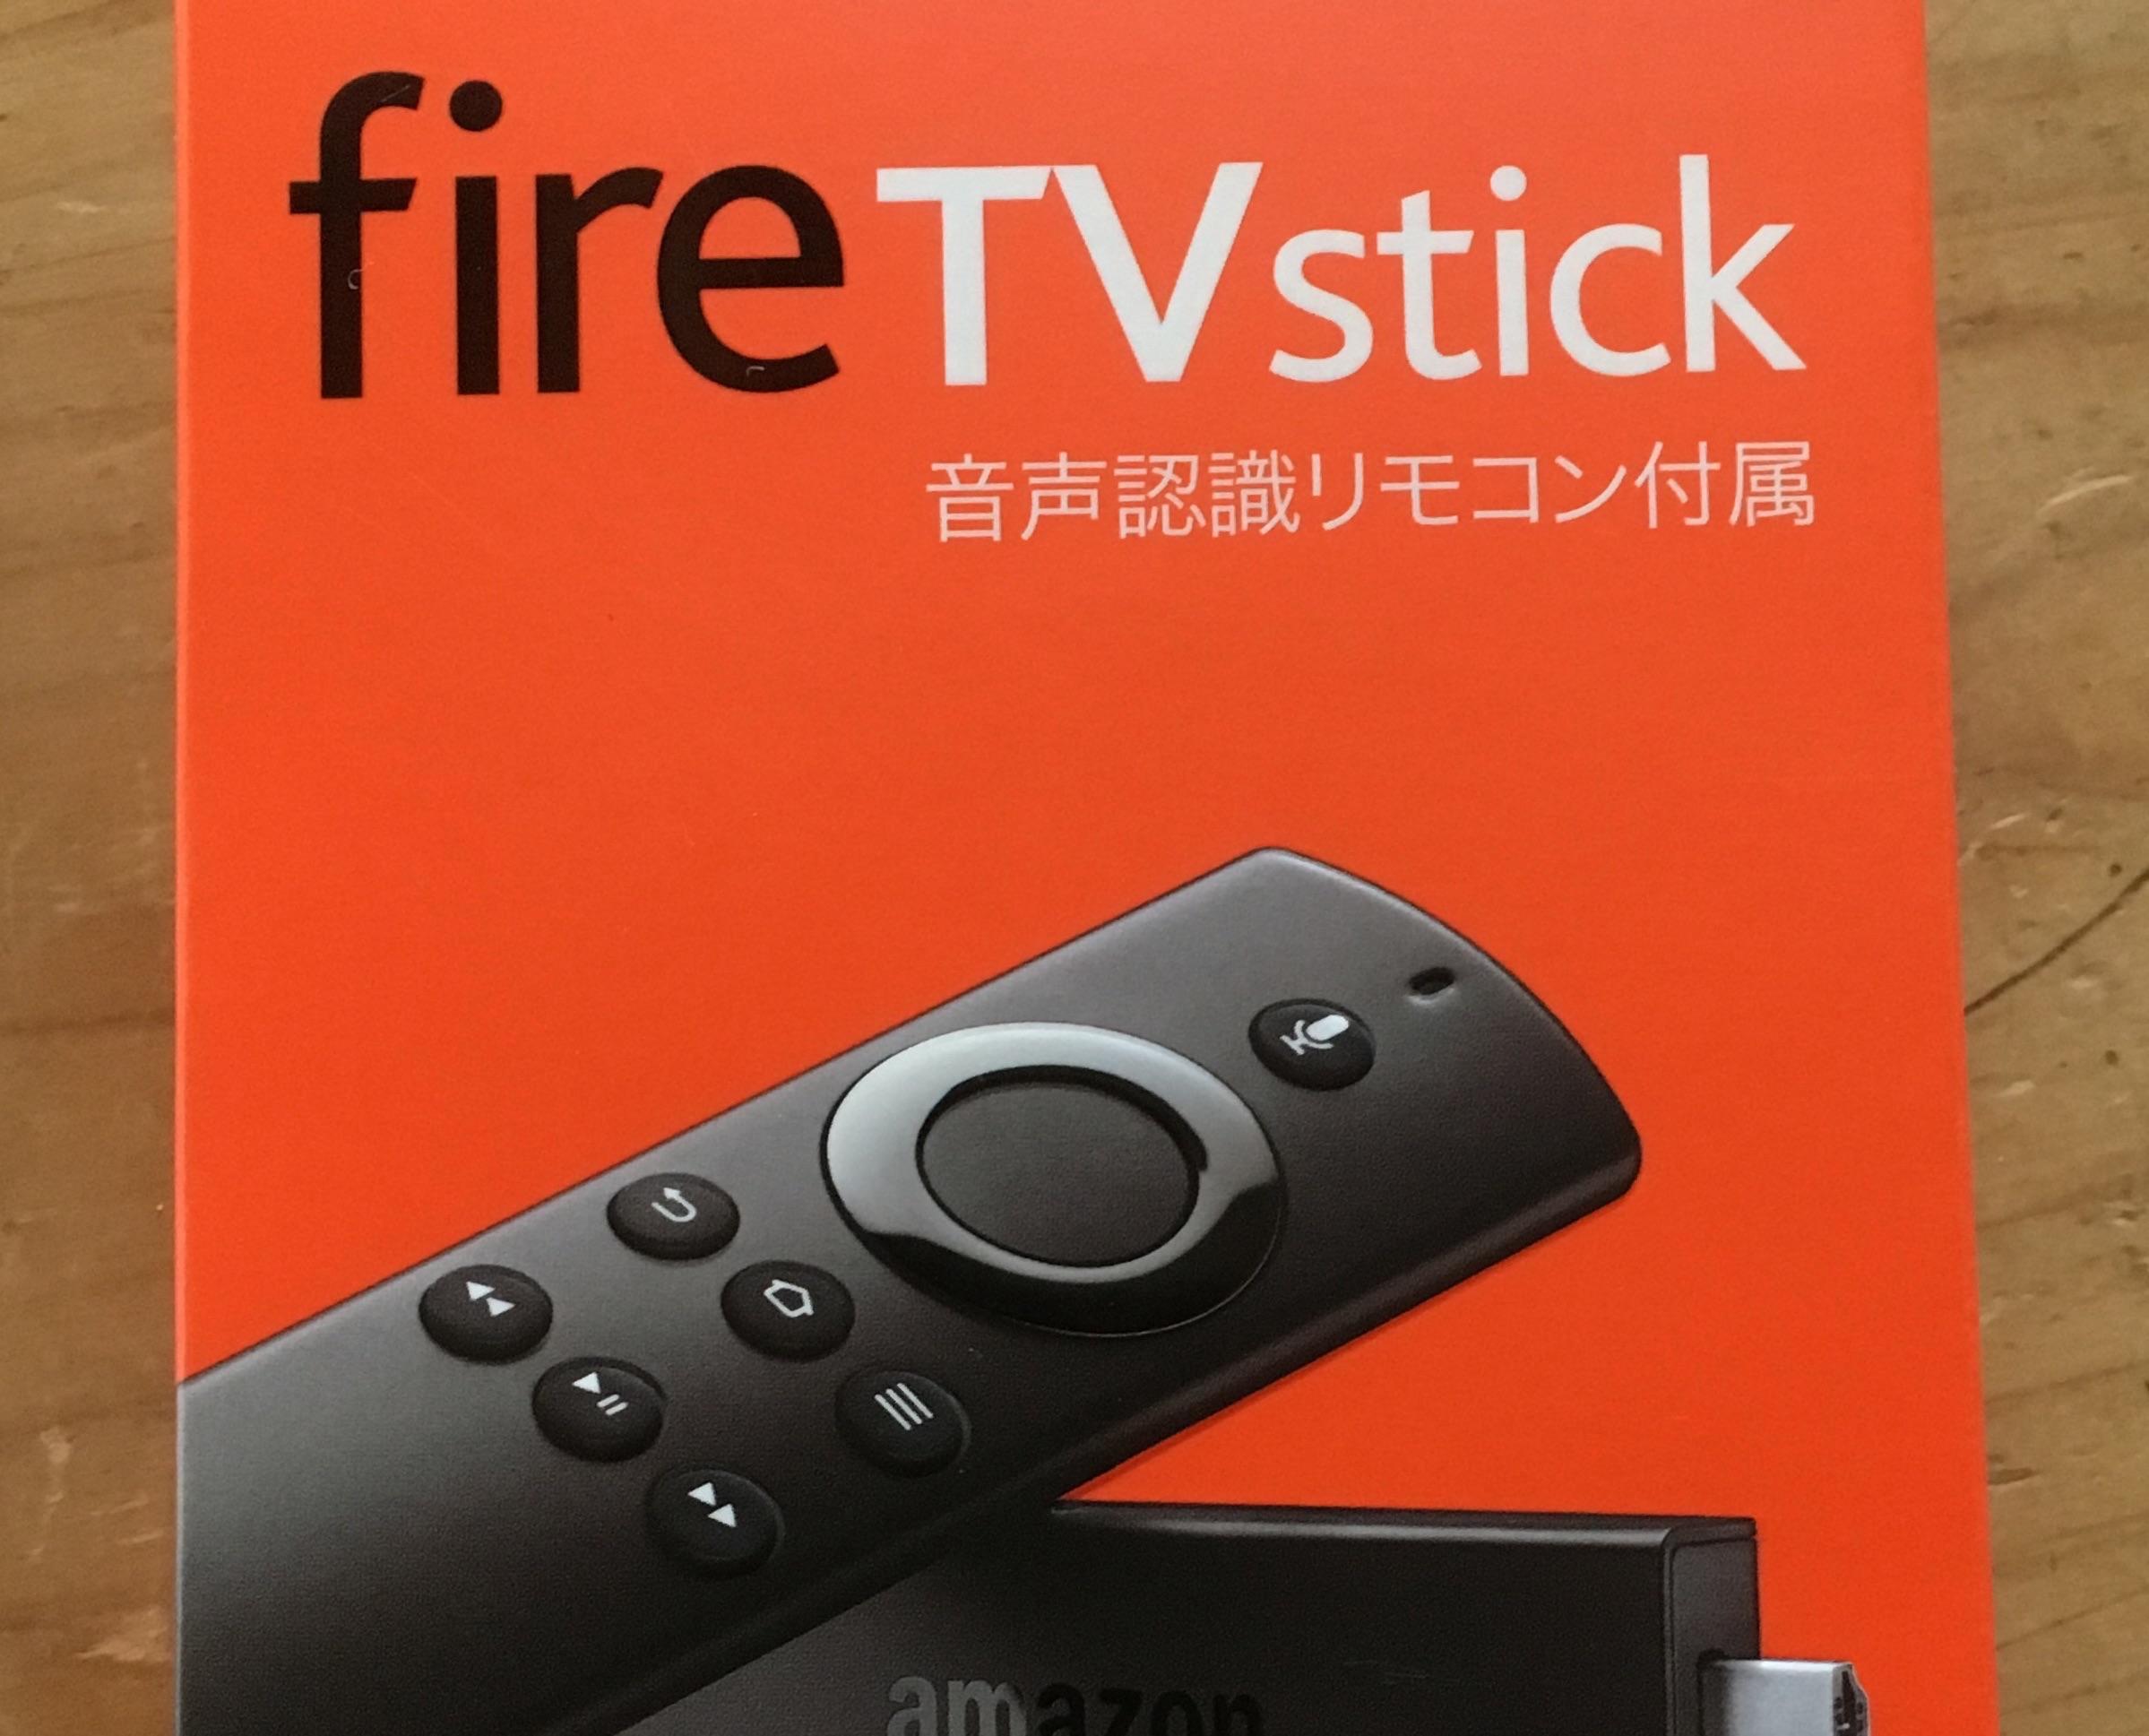 予想以上に便利だったFire TV Stick!プライム・ビデオならオススメです